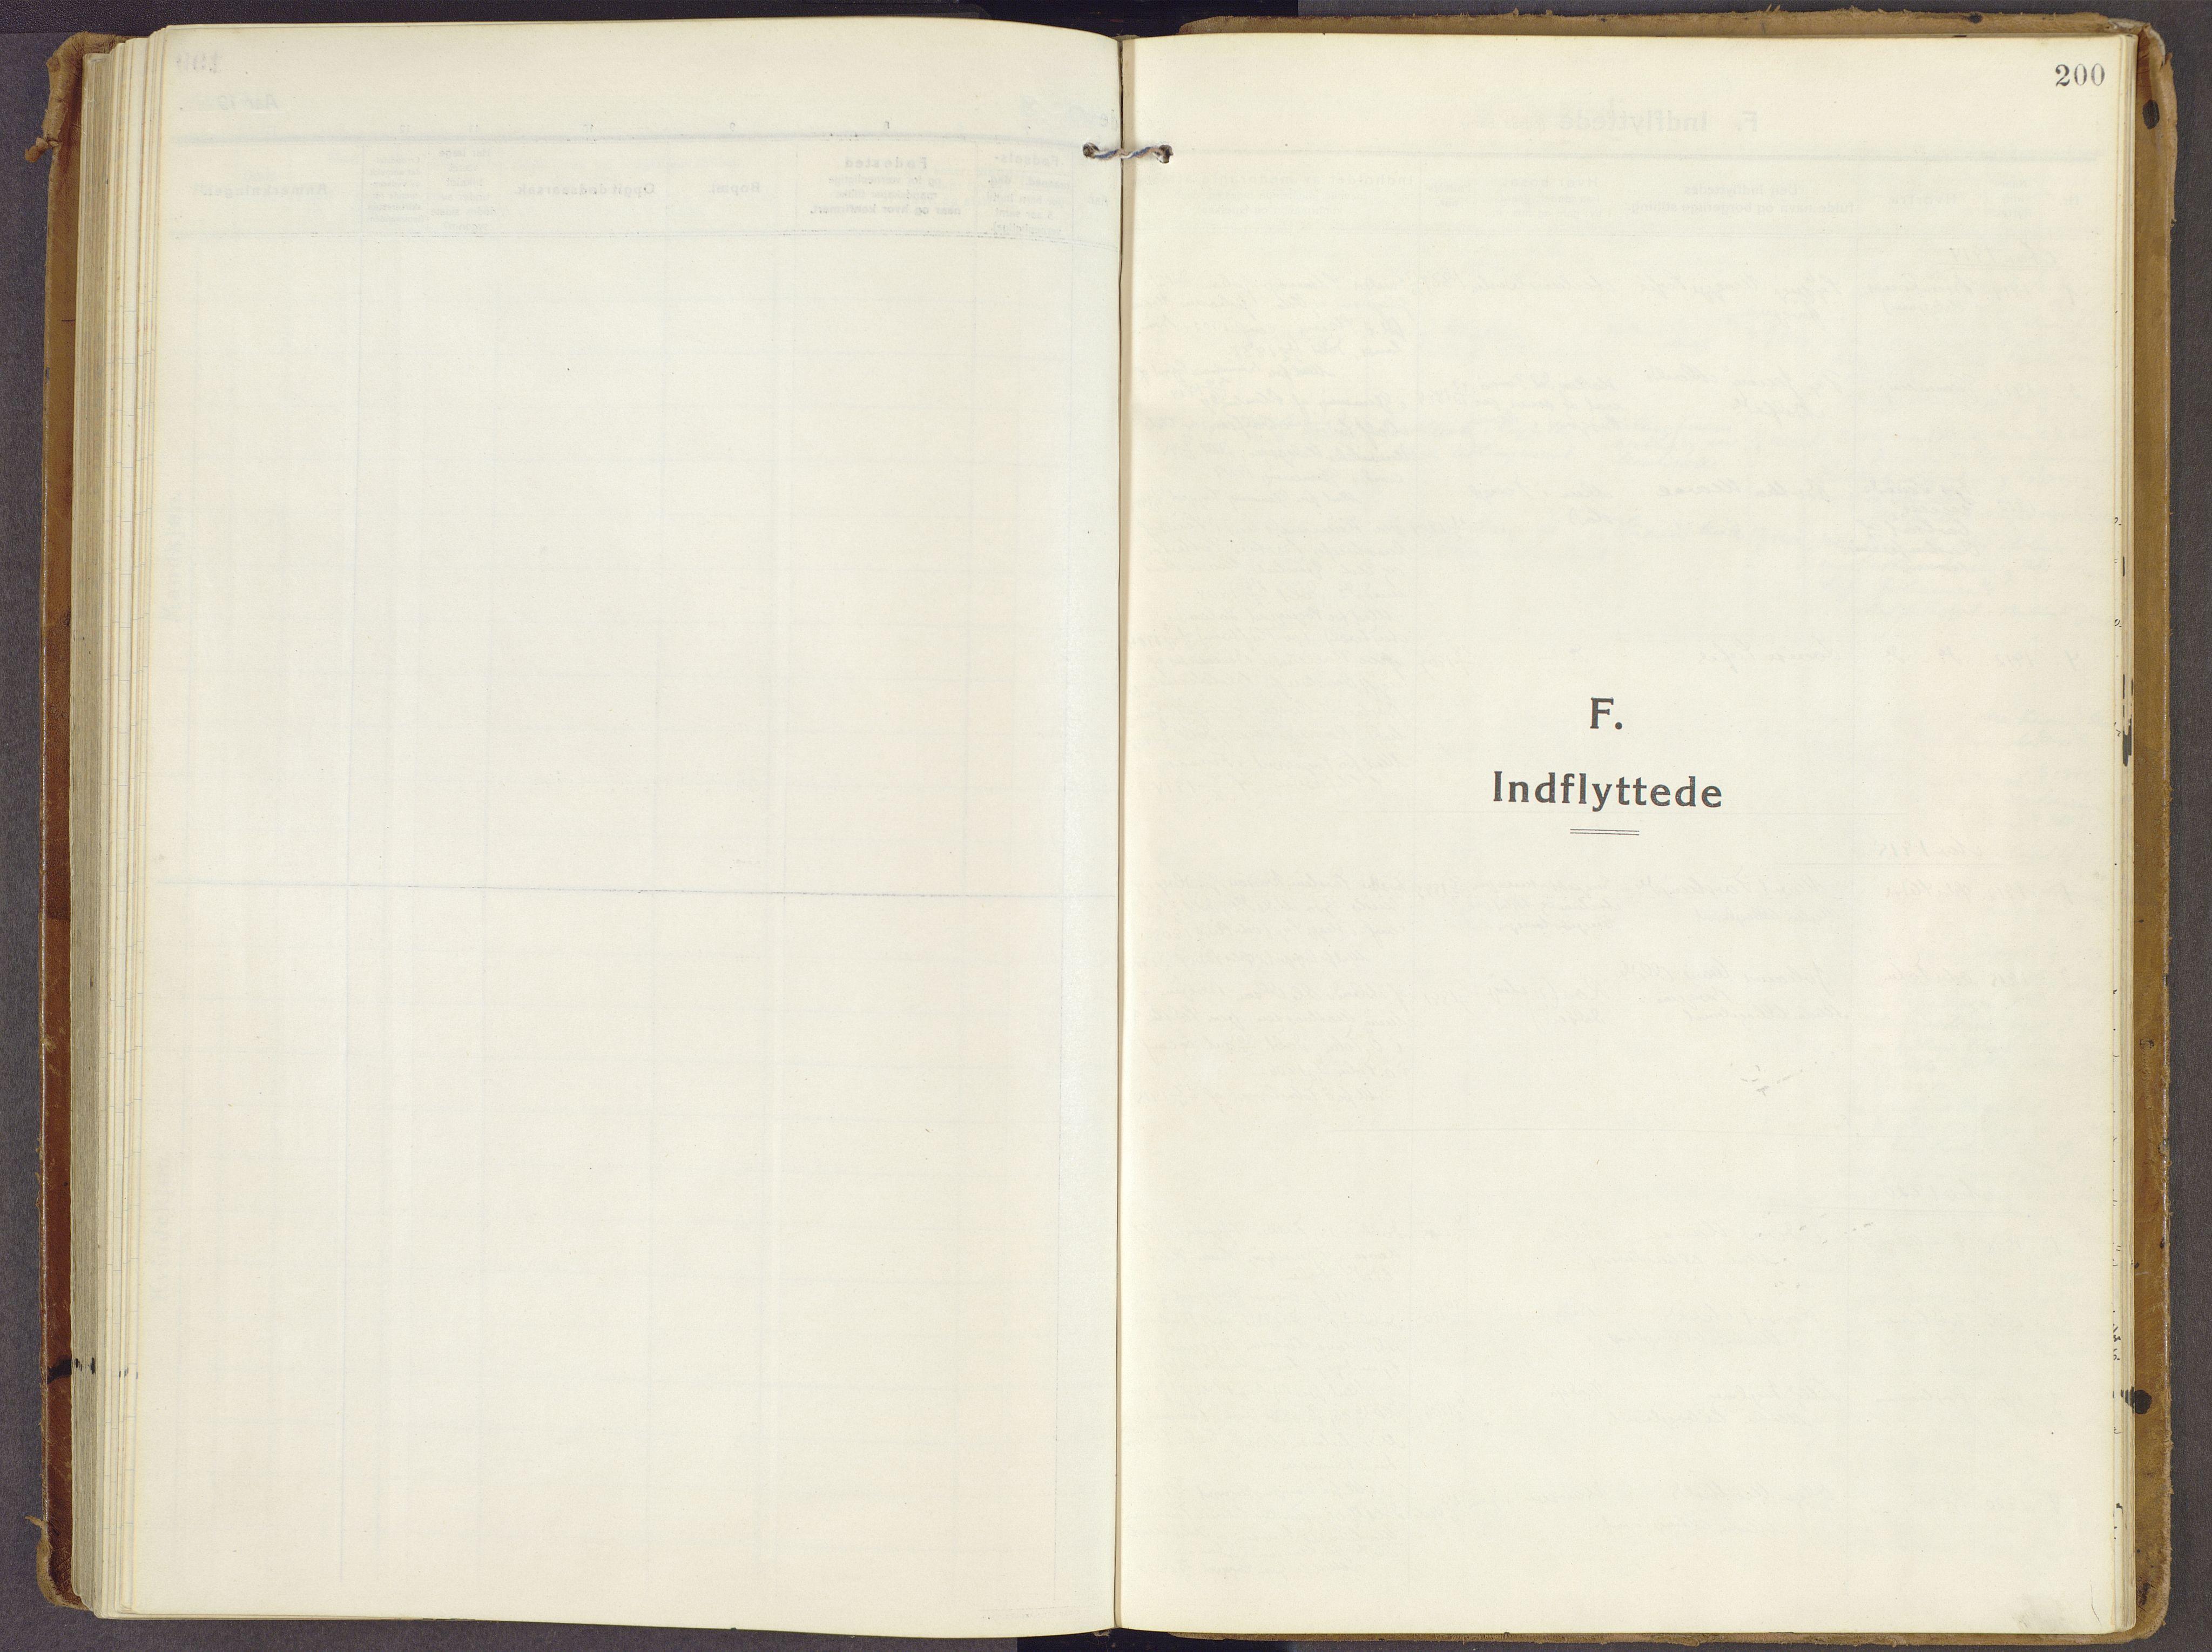 SAH, Brandbu prestekontor, Ministerialbok nr. 3, 1914-1928, s. 200